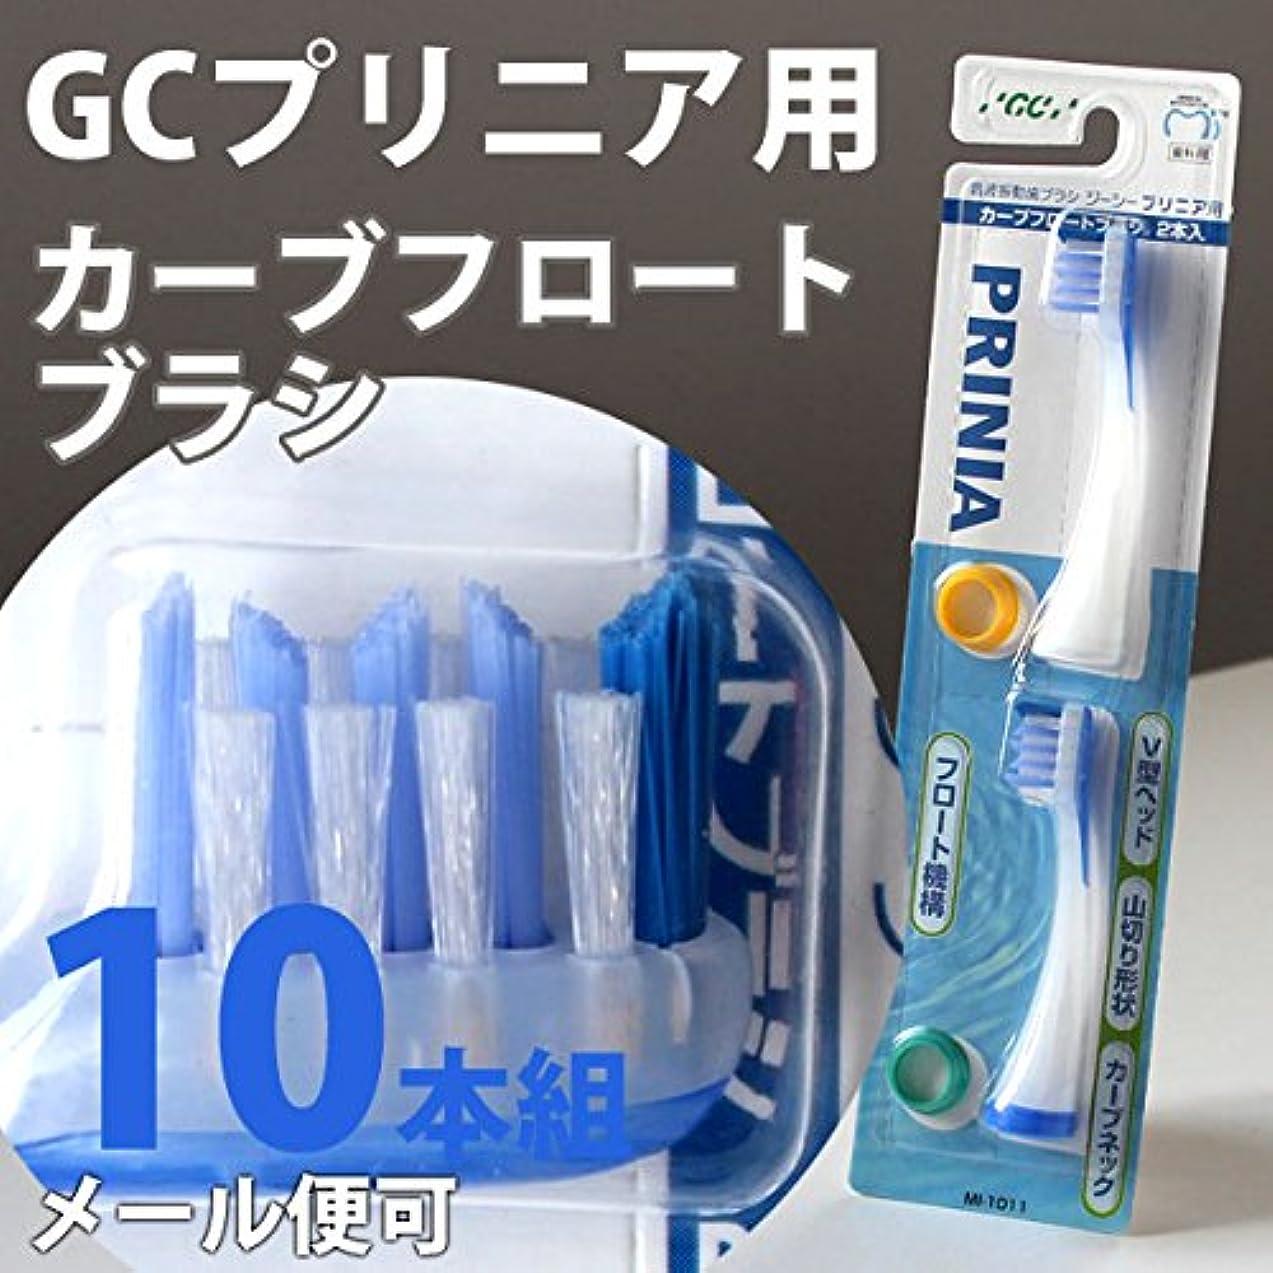 お母さんセーターくちばしプリニア GC 音波振動 歯ブラシ プリニアスリム替えブラシ カーブフロートブラシ 5セット (10本) ブルー